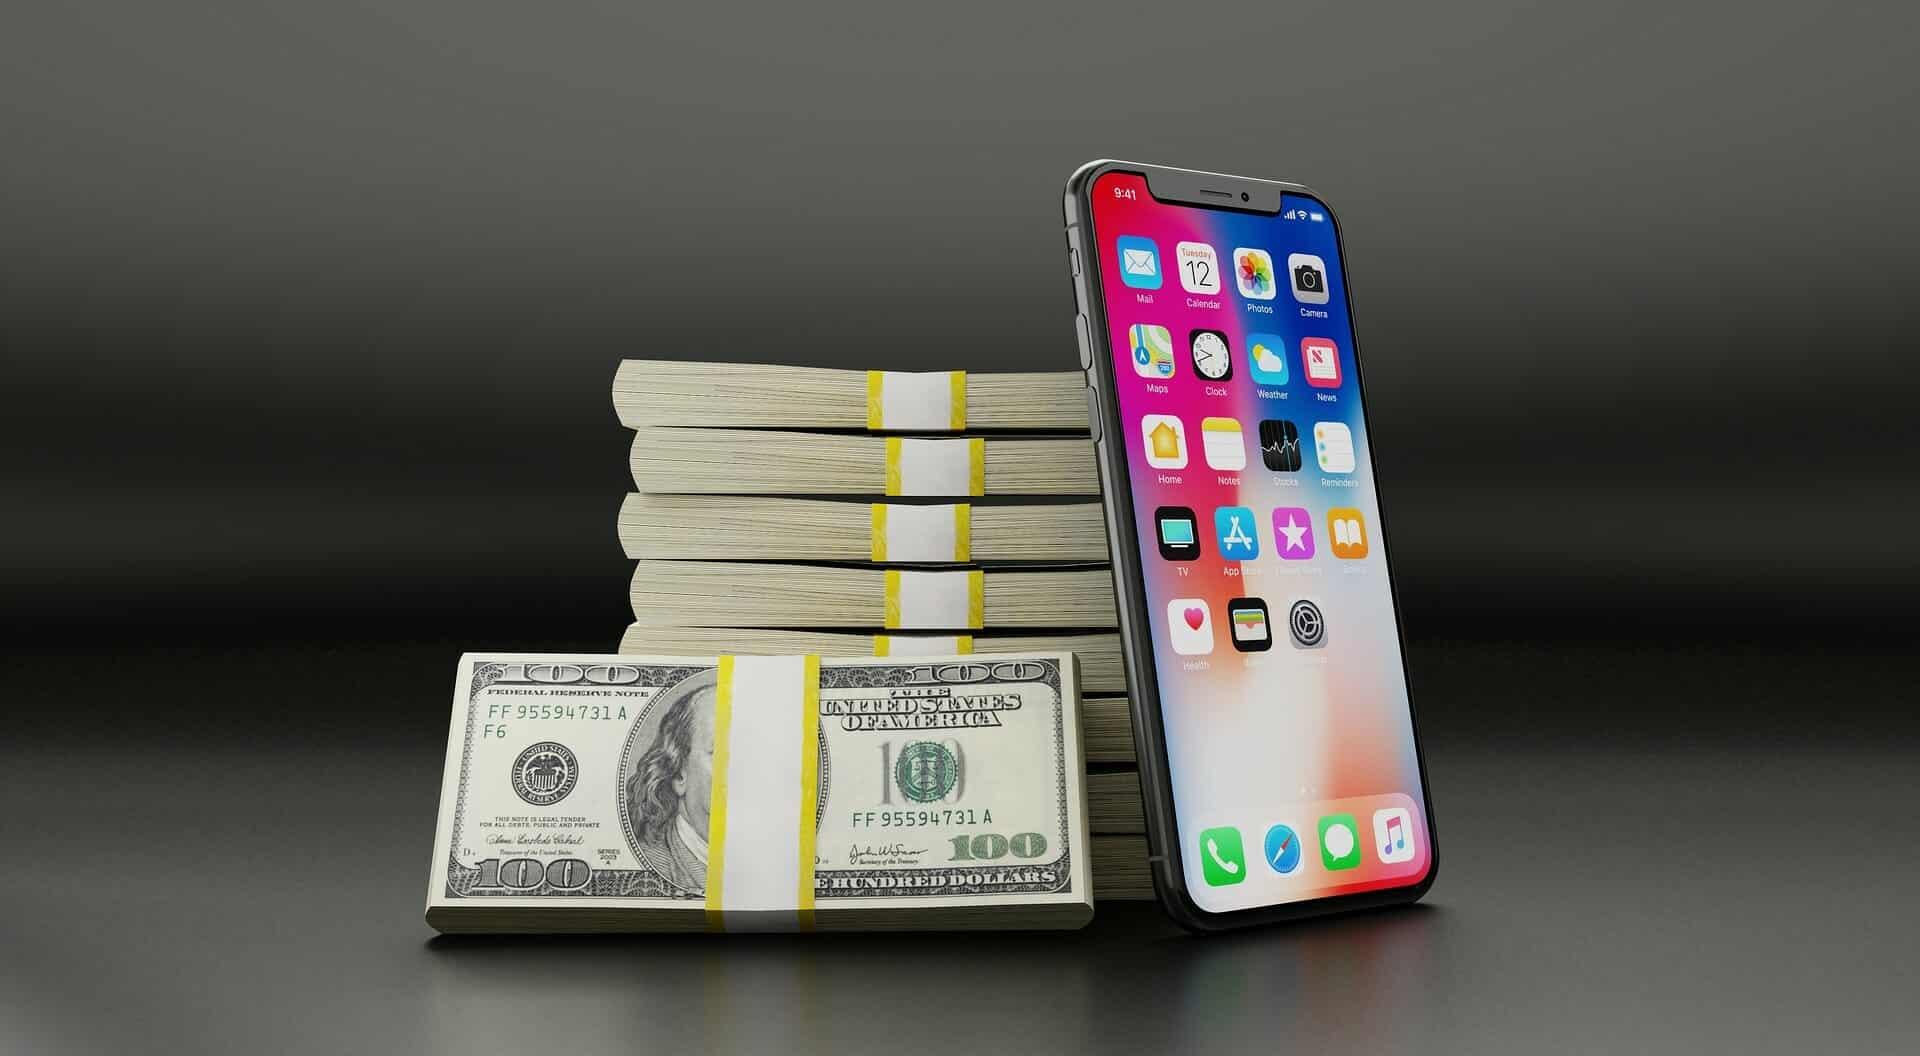 La gamme des iPhone 11 a enfin droit à ses coques-batterie